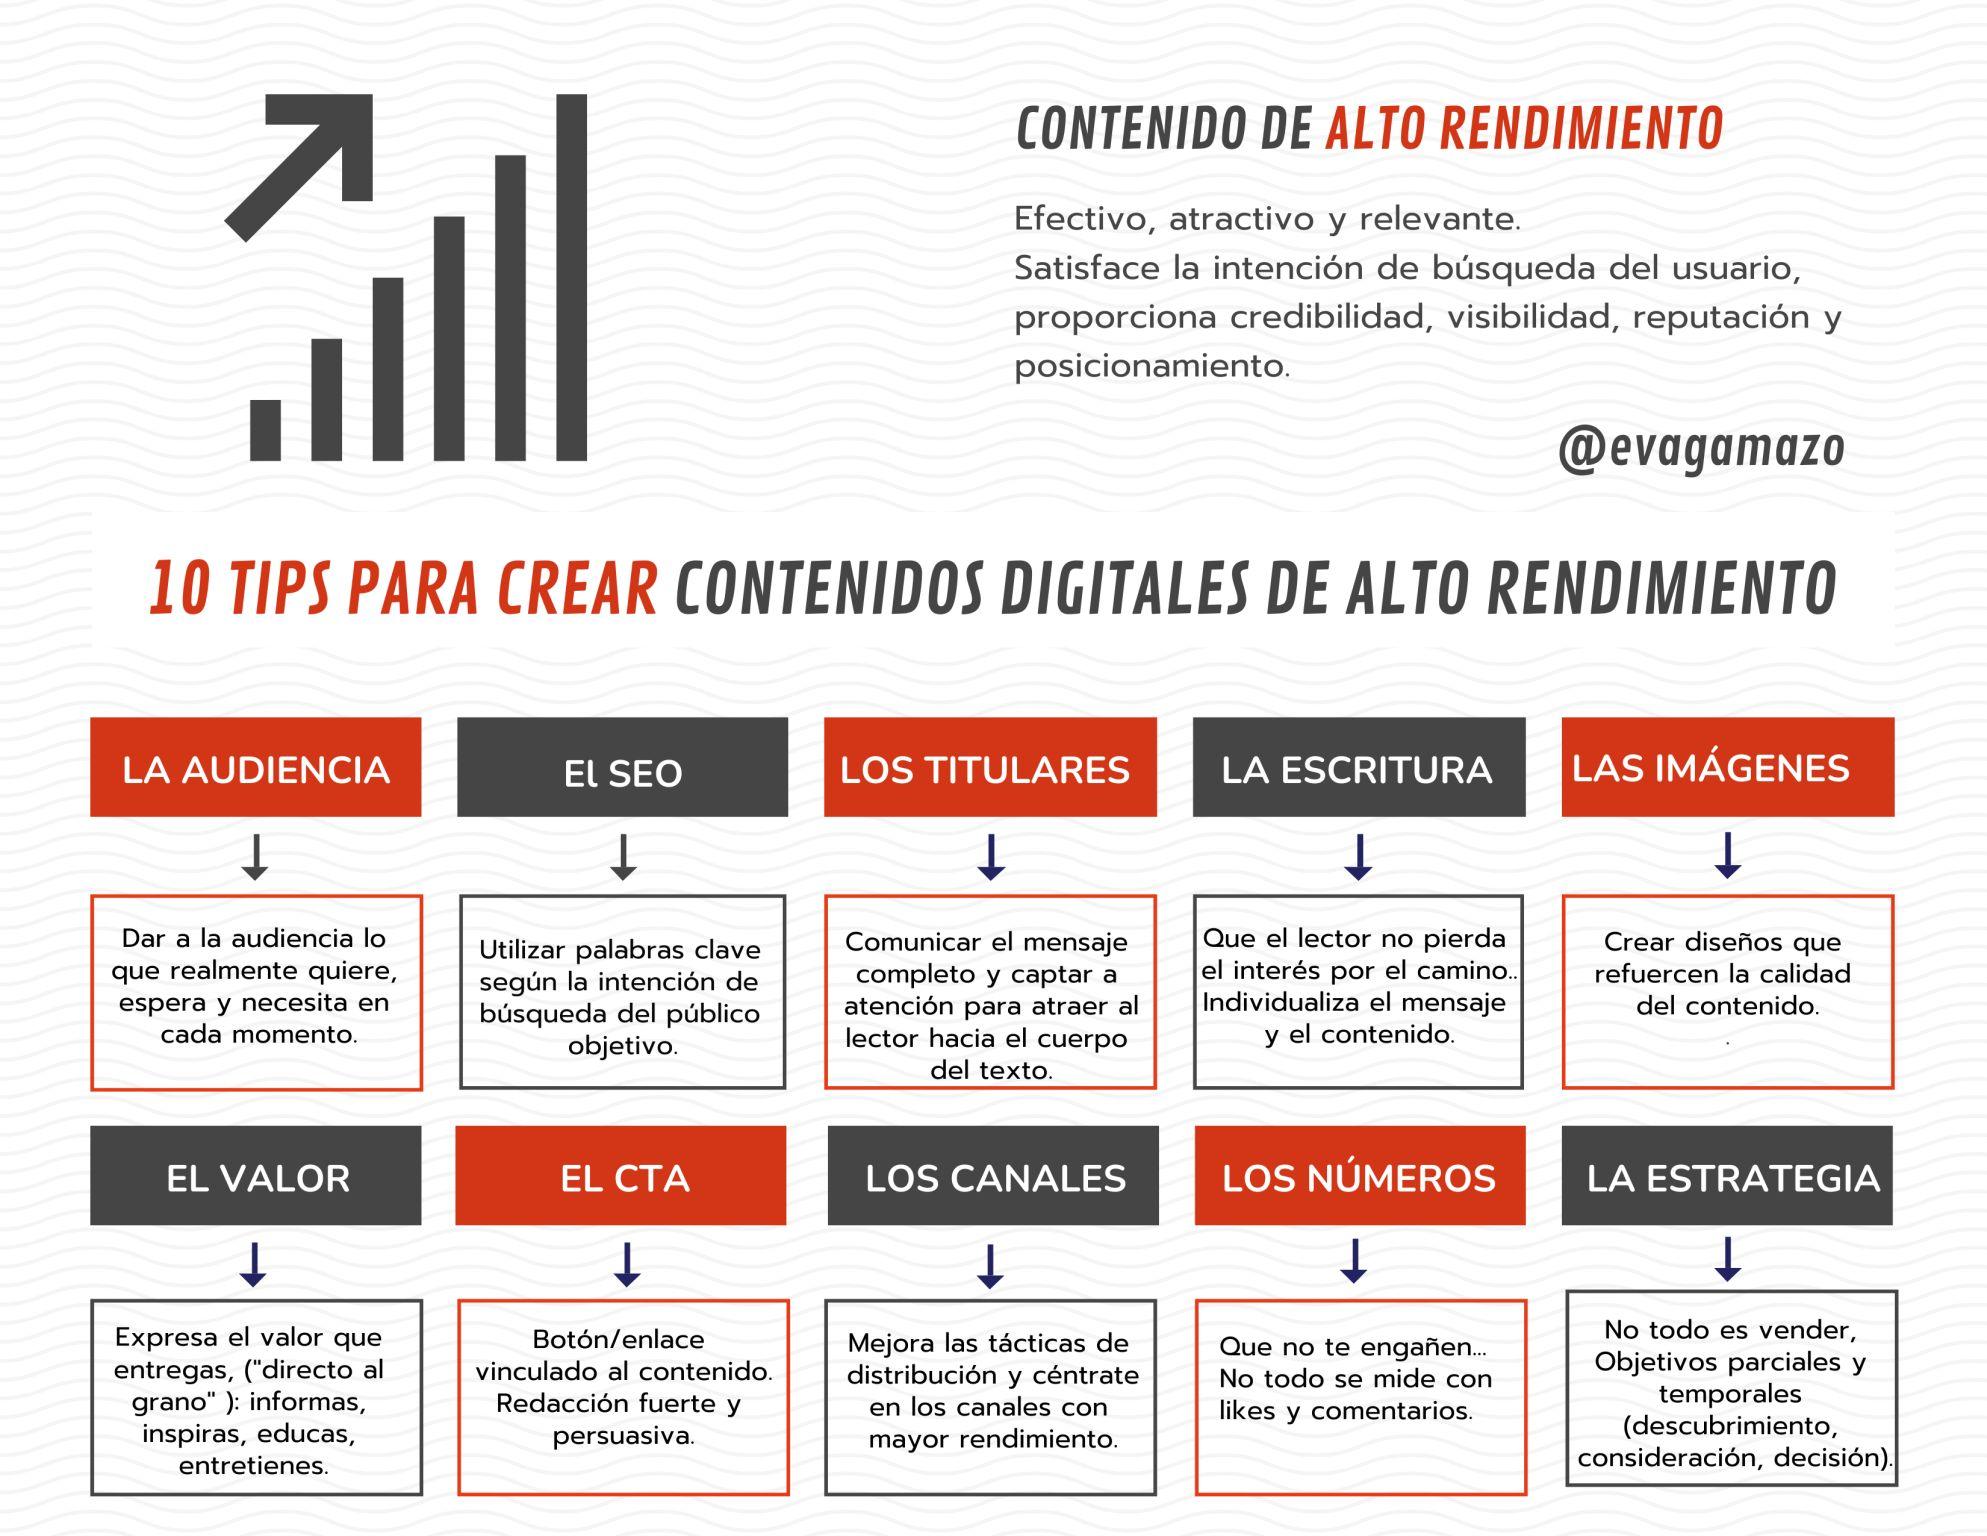 10 consejos para crear contenidos digitales de alto rendimiento #infografia #marketing